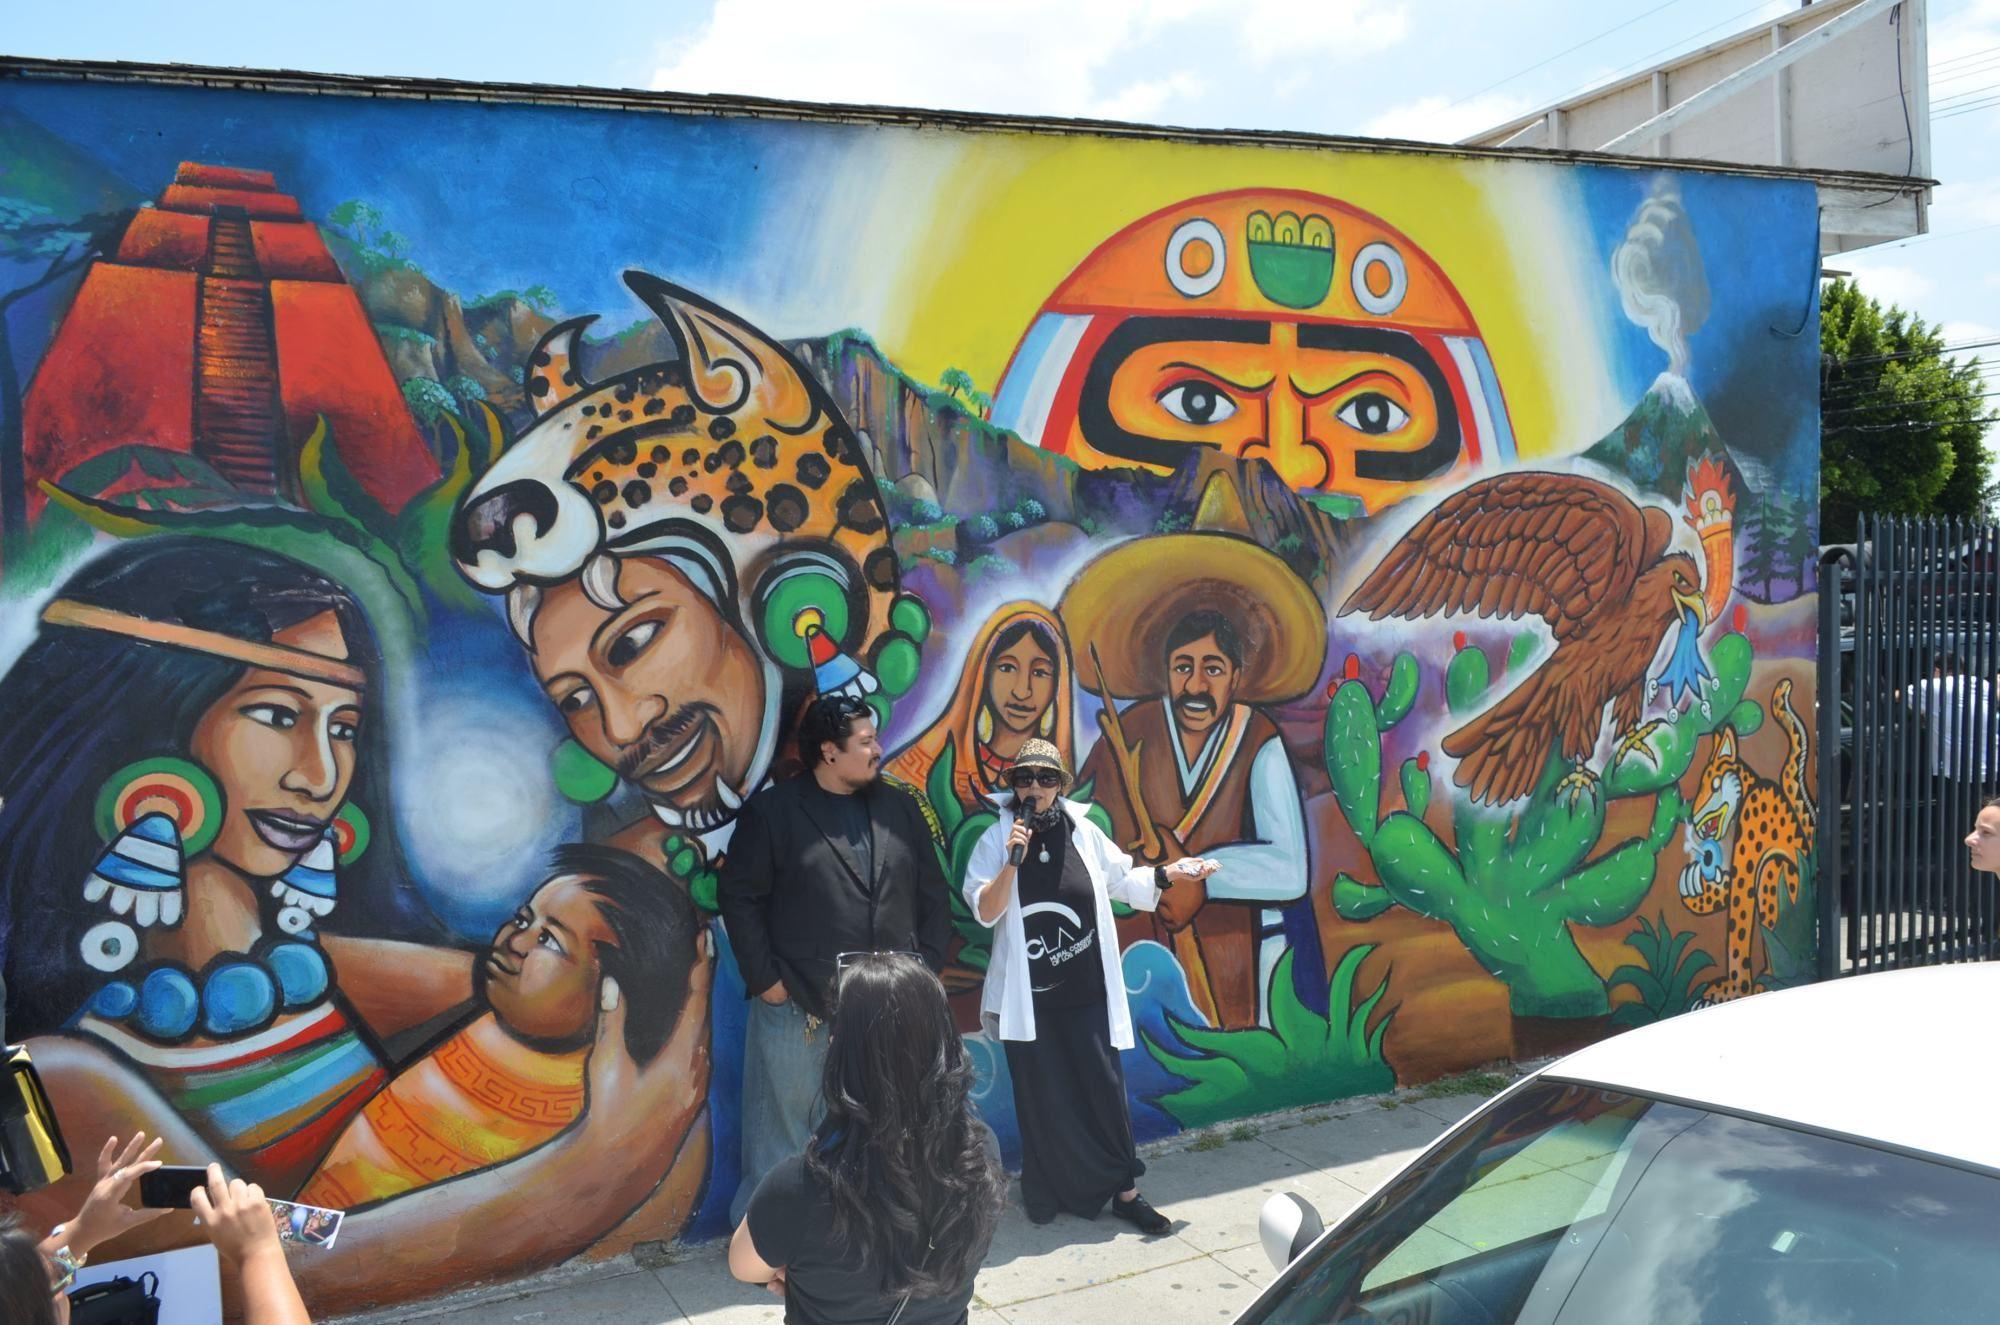 Indigenous murals in schools mural painting art